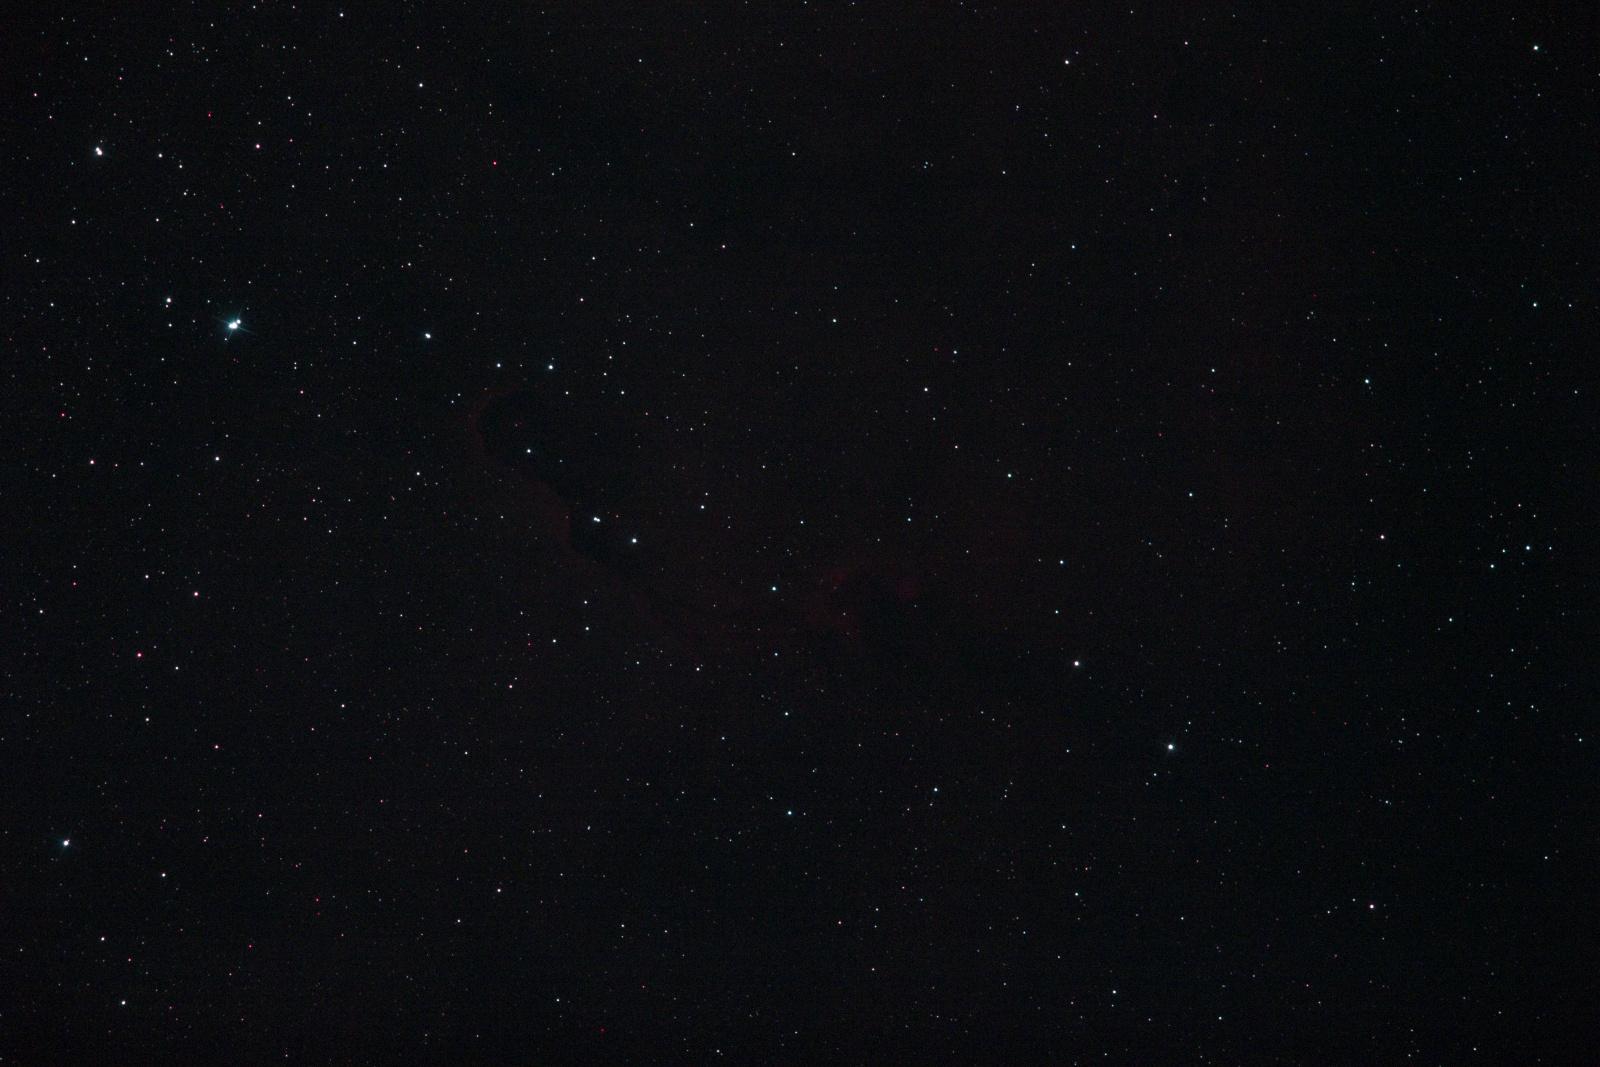 LIGHT_9526.00_2021-08-14_22-38-55_300.00.jpg